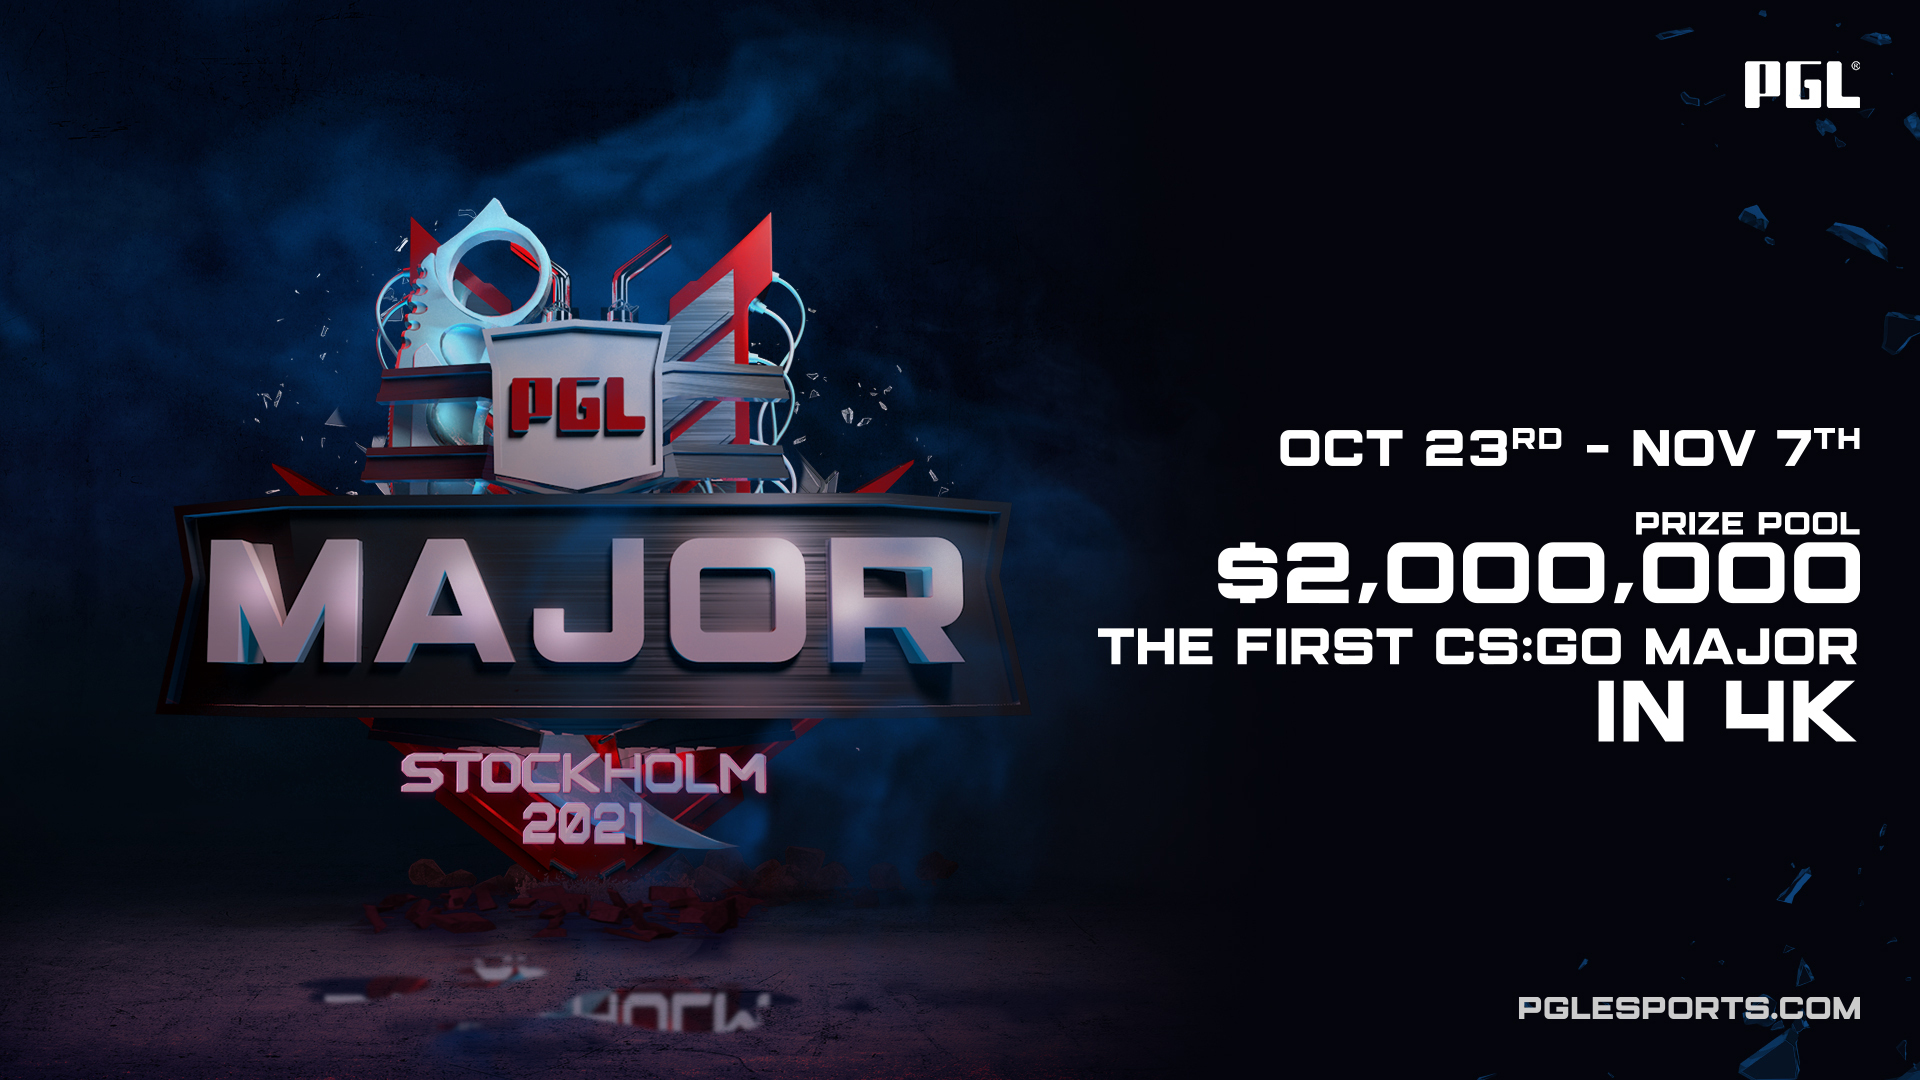 PGL, Стокхолм, Ericsson Globe арена 23 октомври — 07 ноември Първи значителен CS:GO шампионат в 4K резолюция